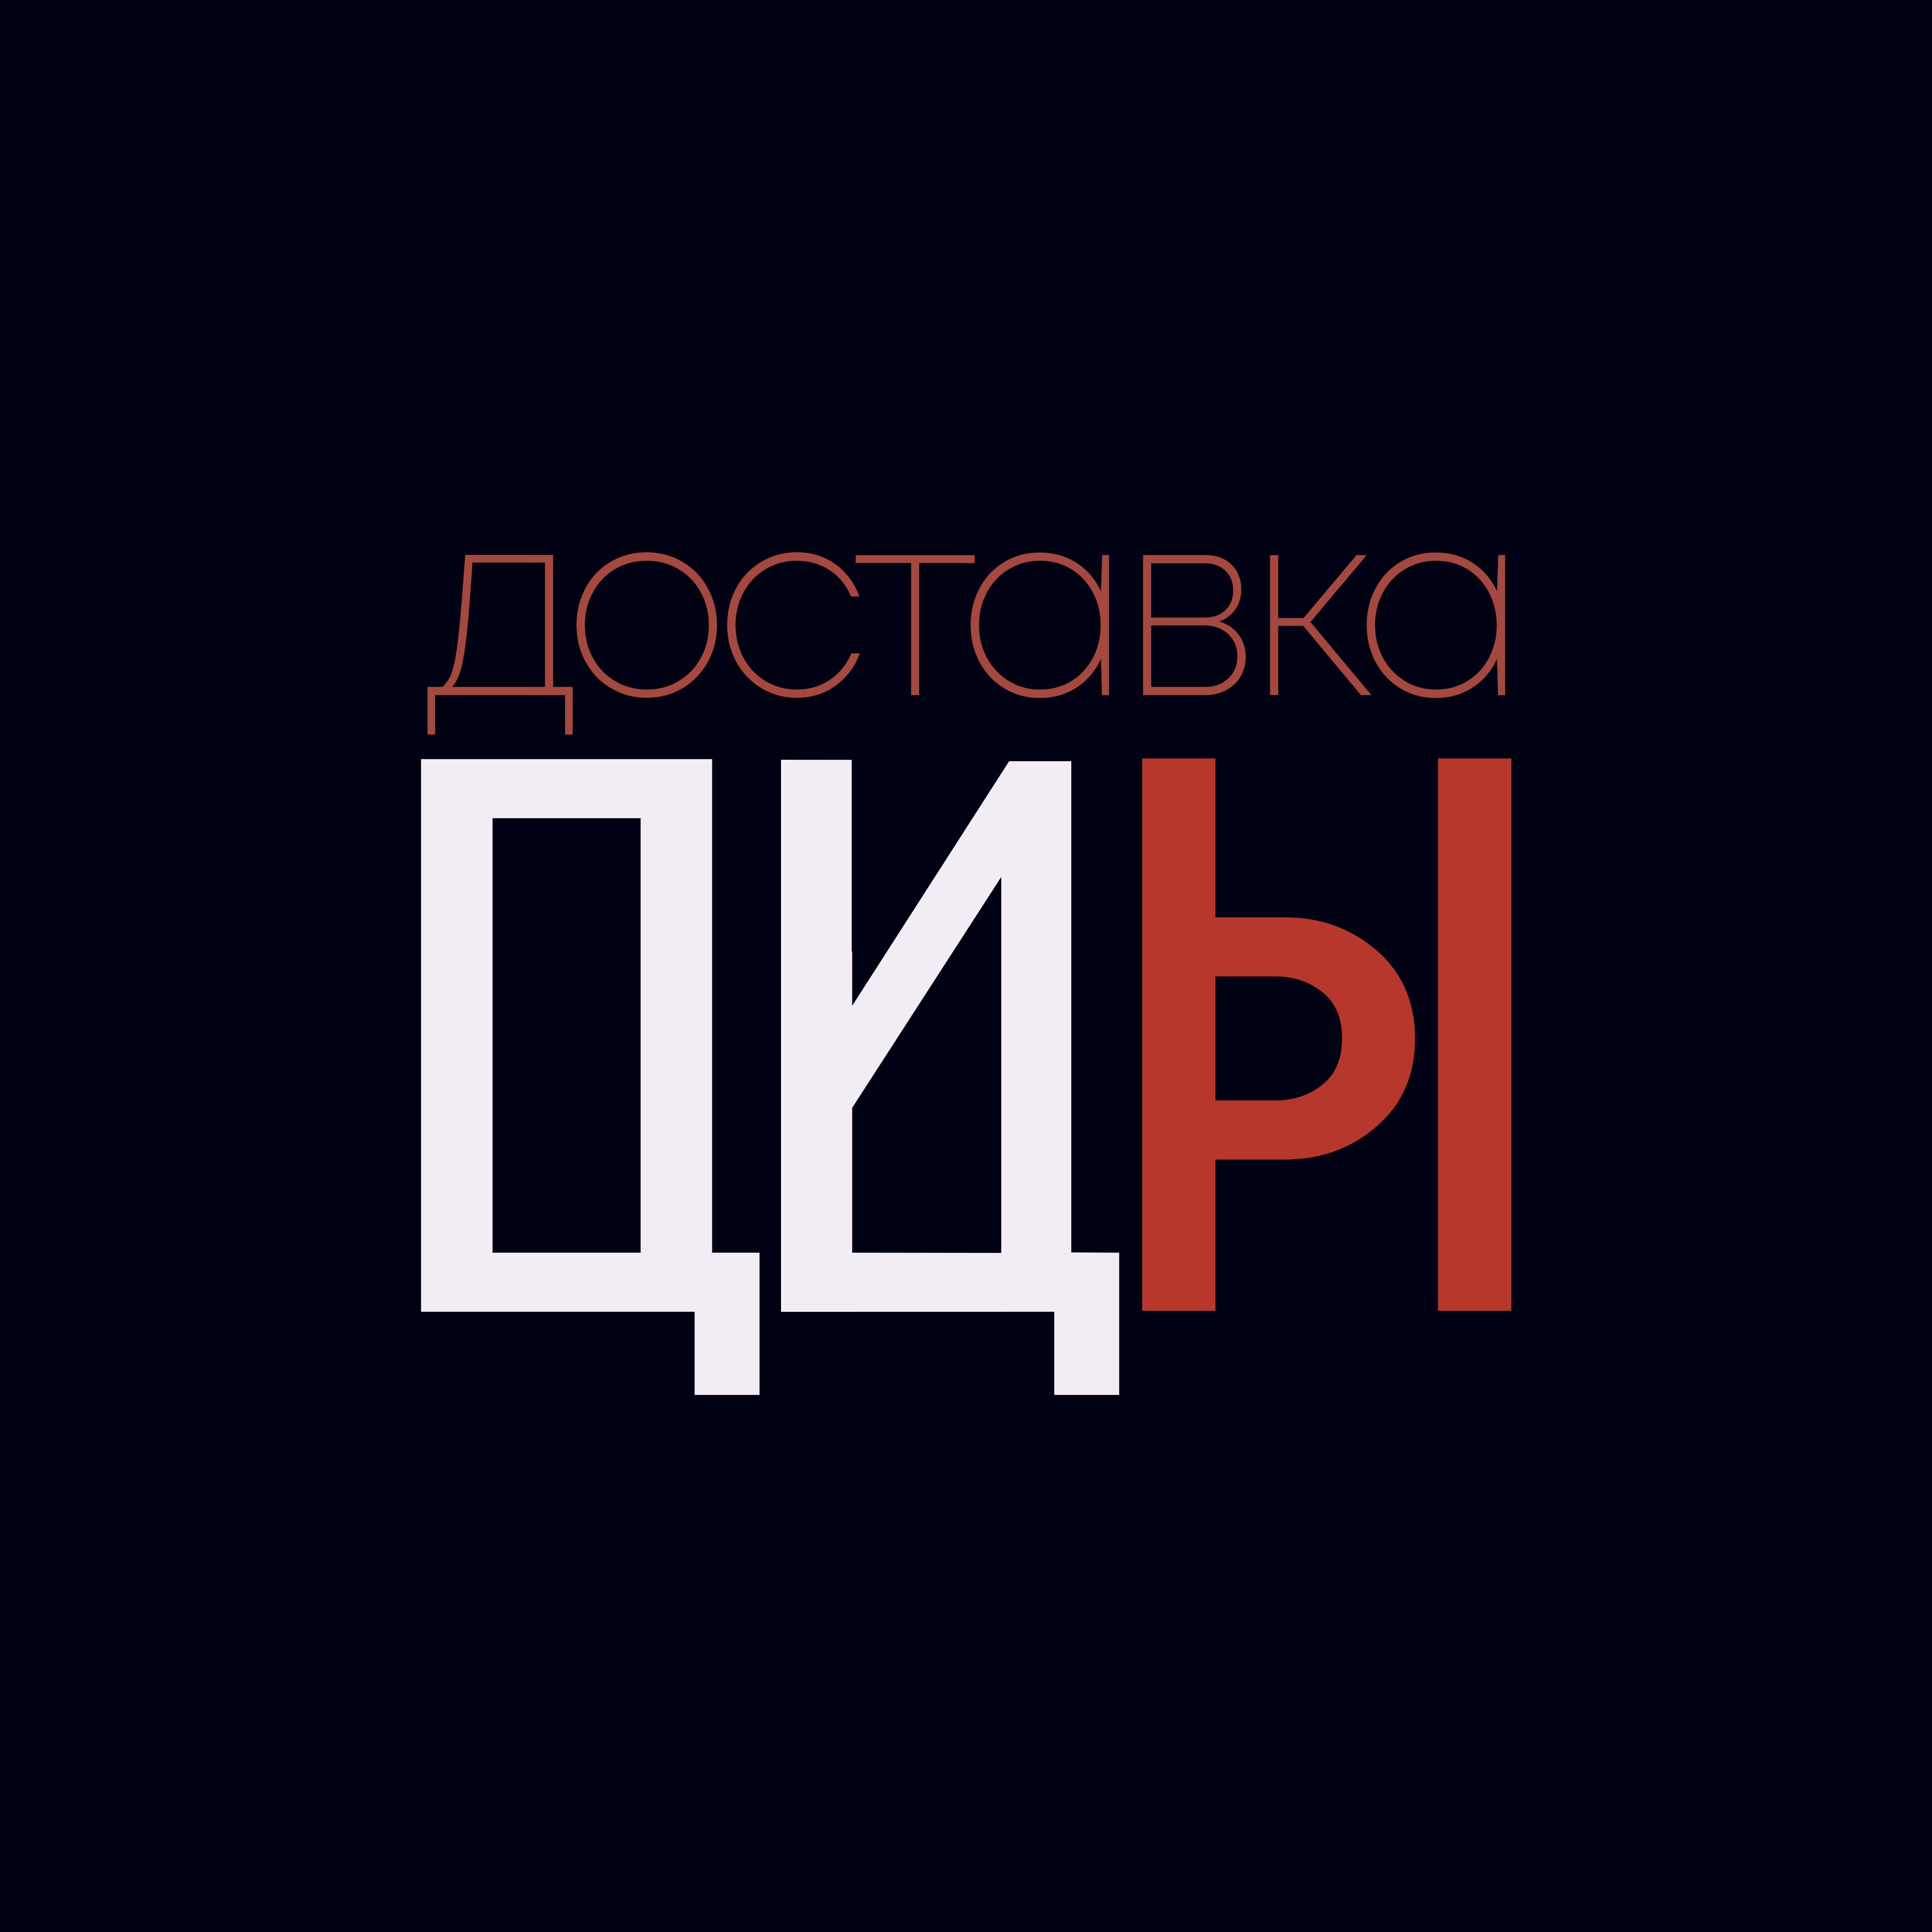 Разыскивается дизайнер для разработки лого службы доставки фото f_1735c33c73be5487.jpg